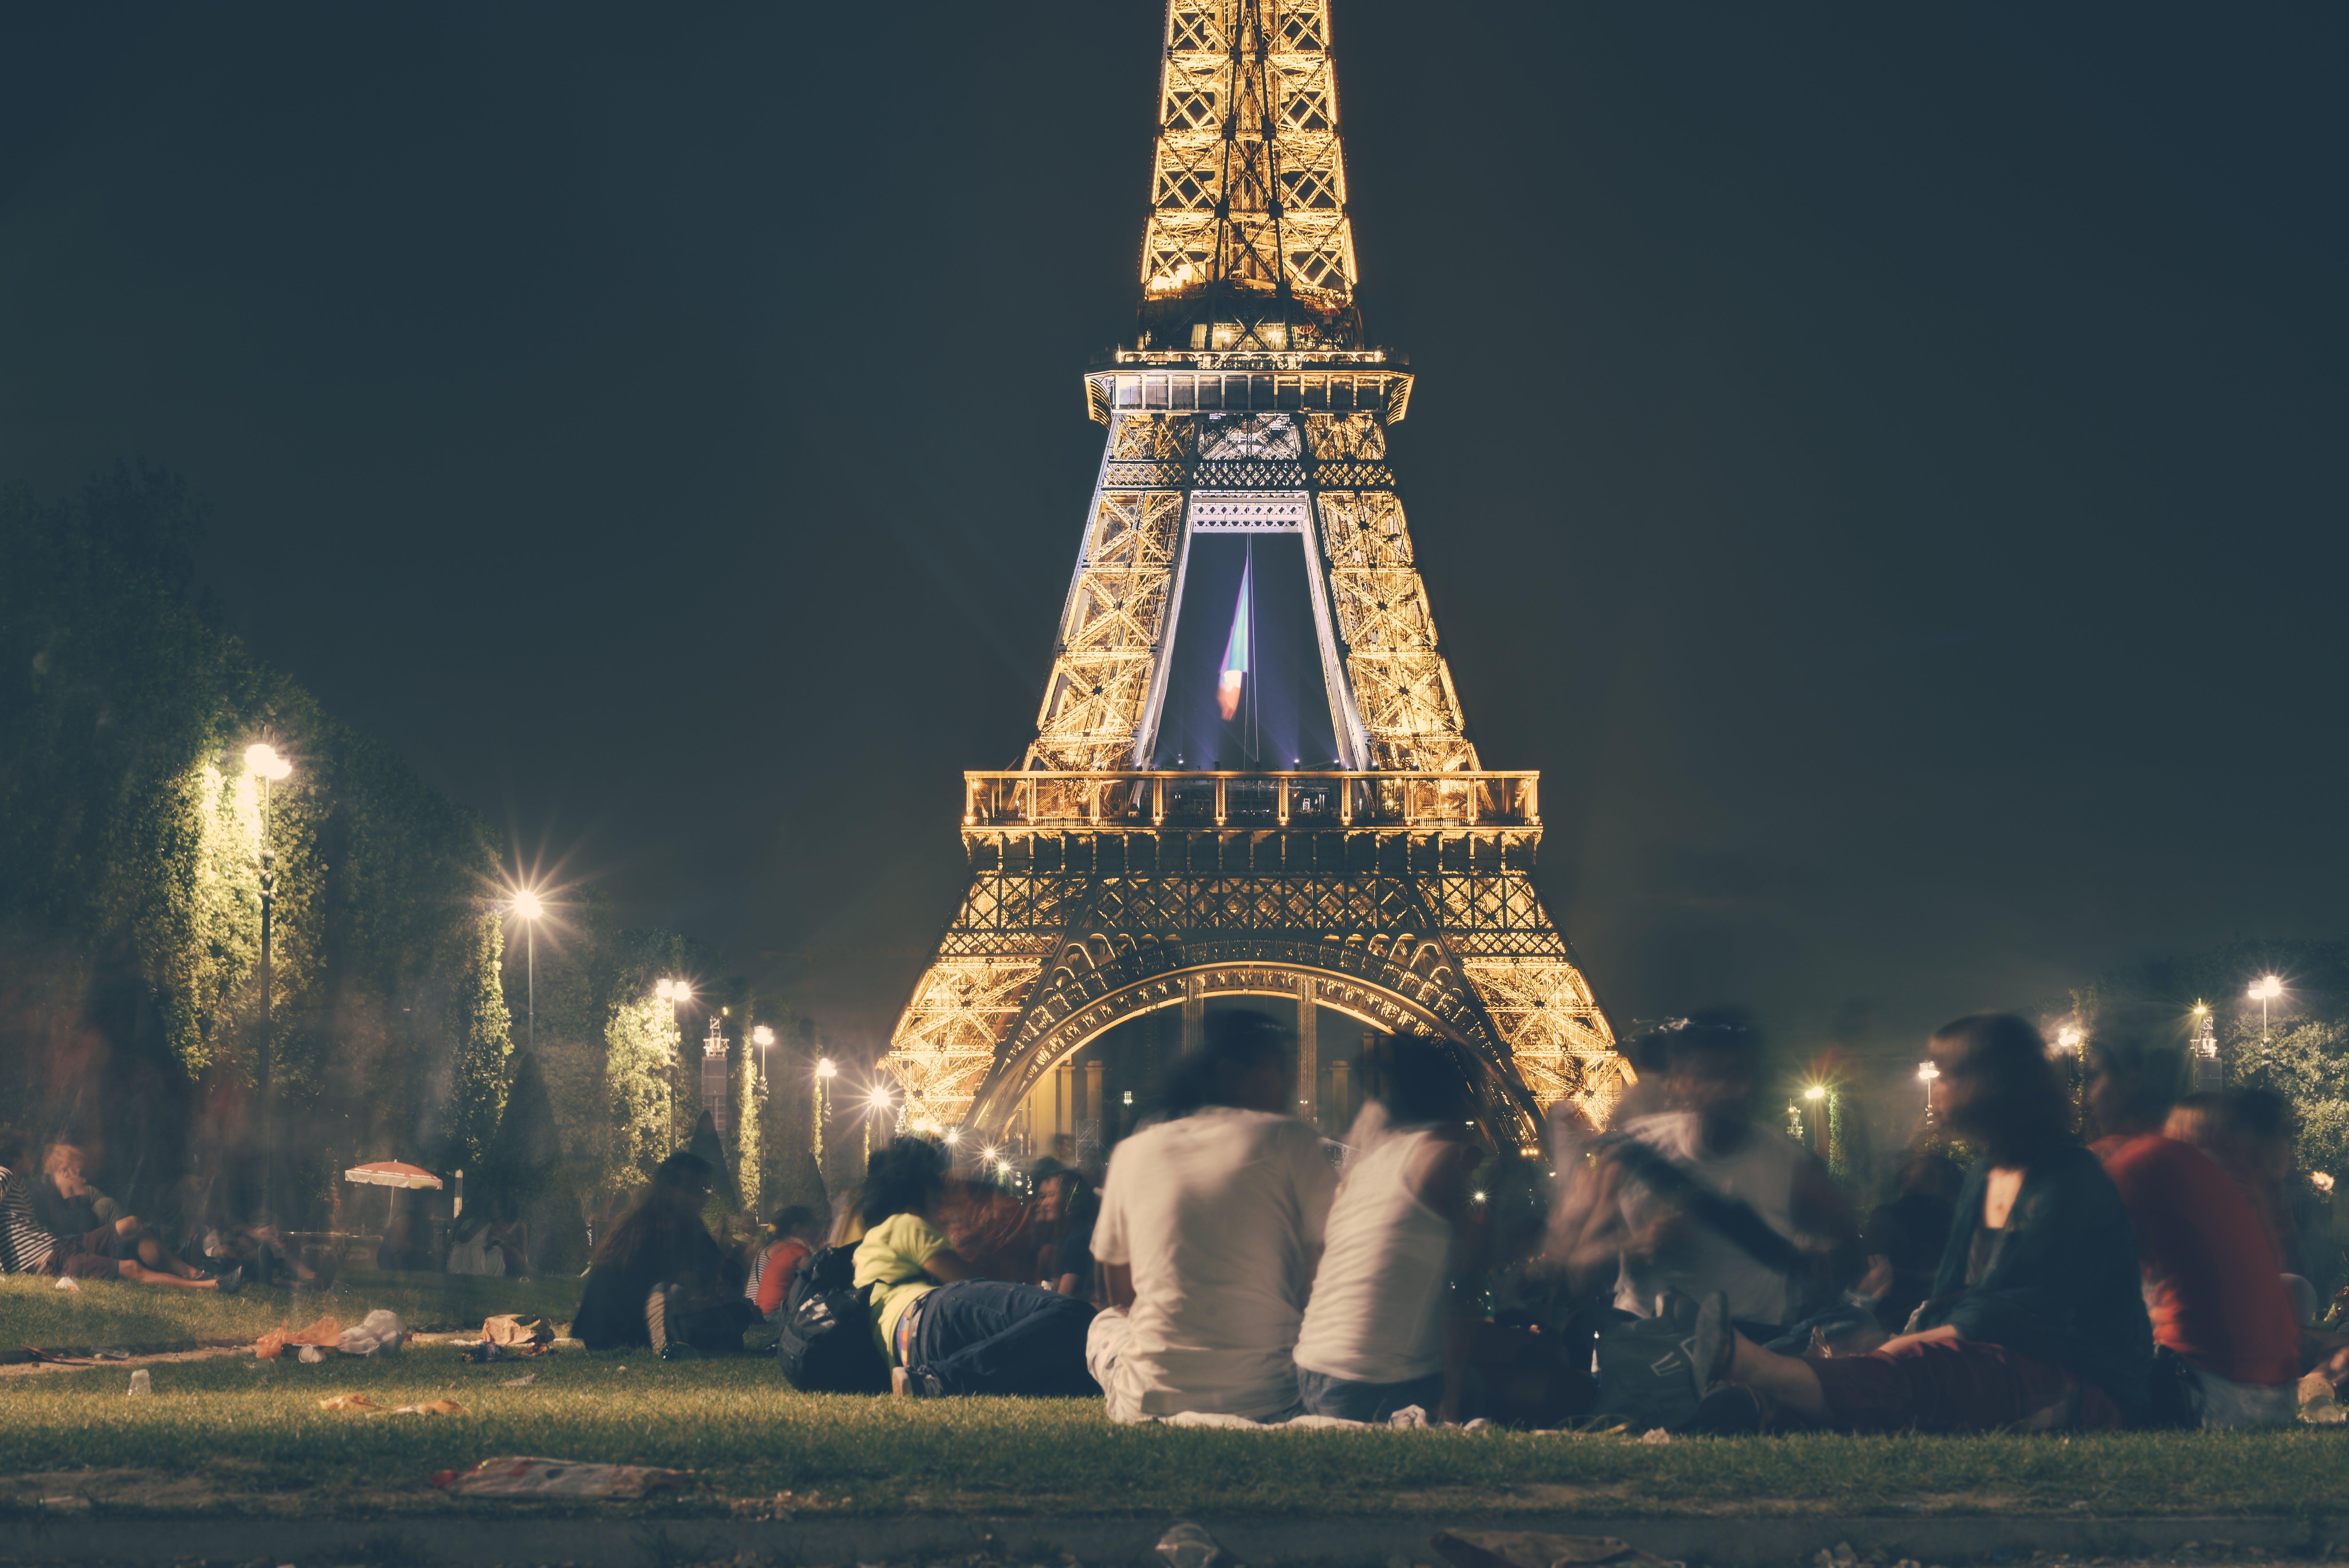 Eiffel Tower Scenery